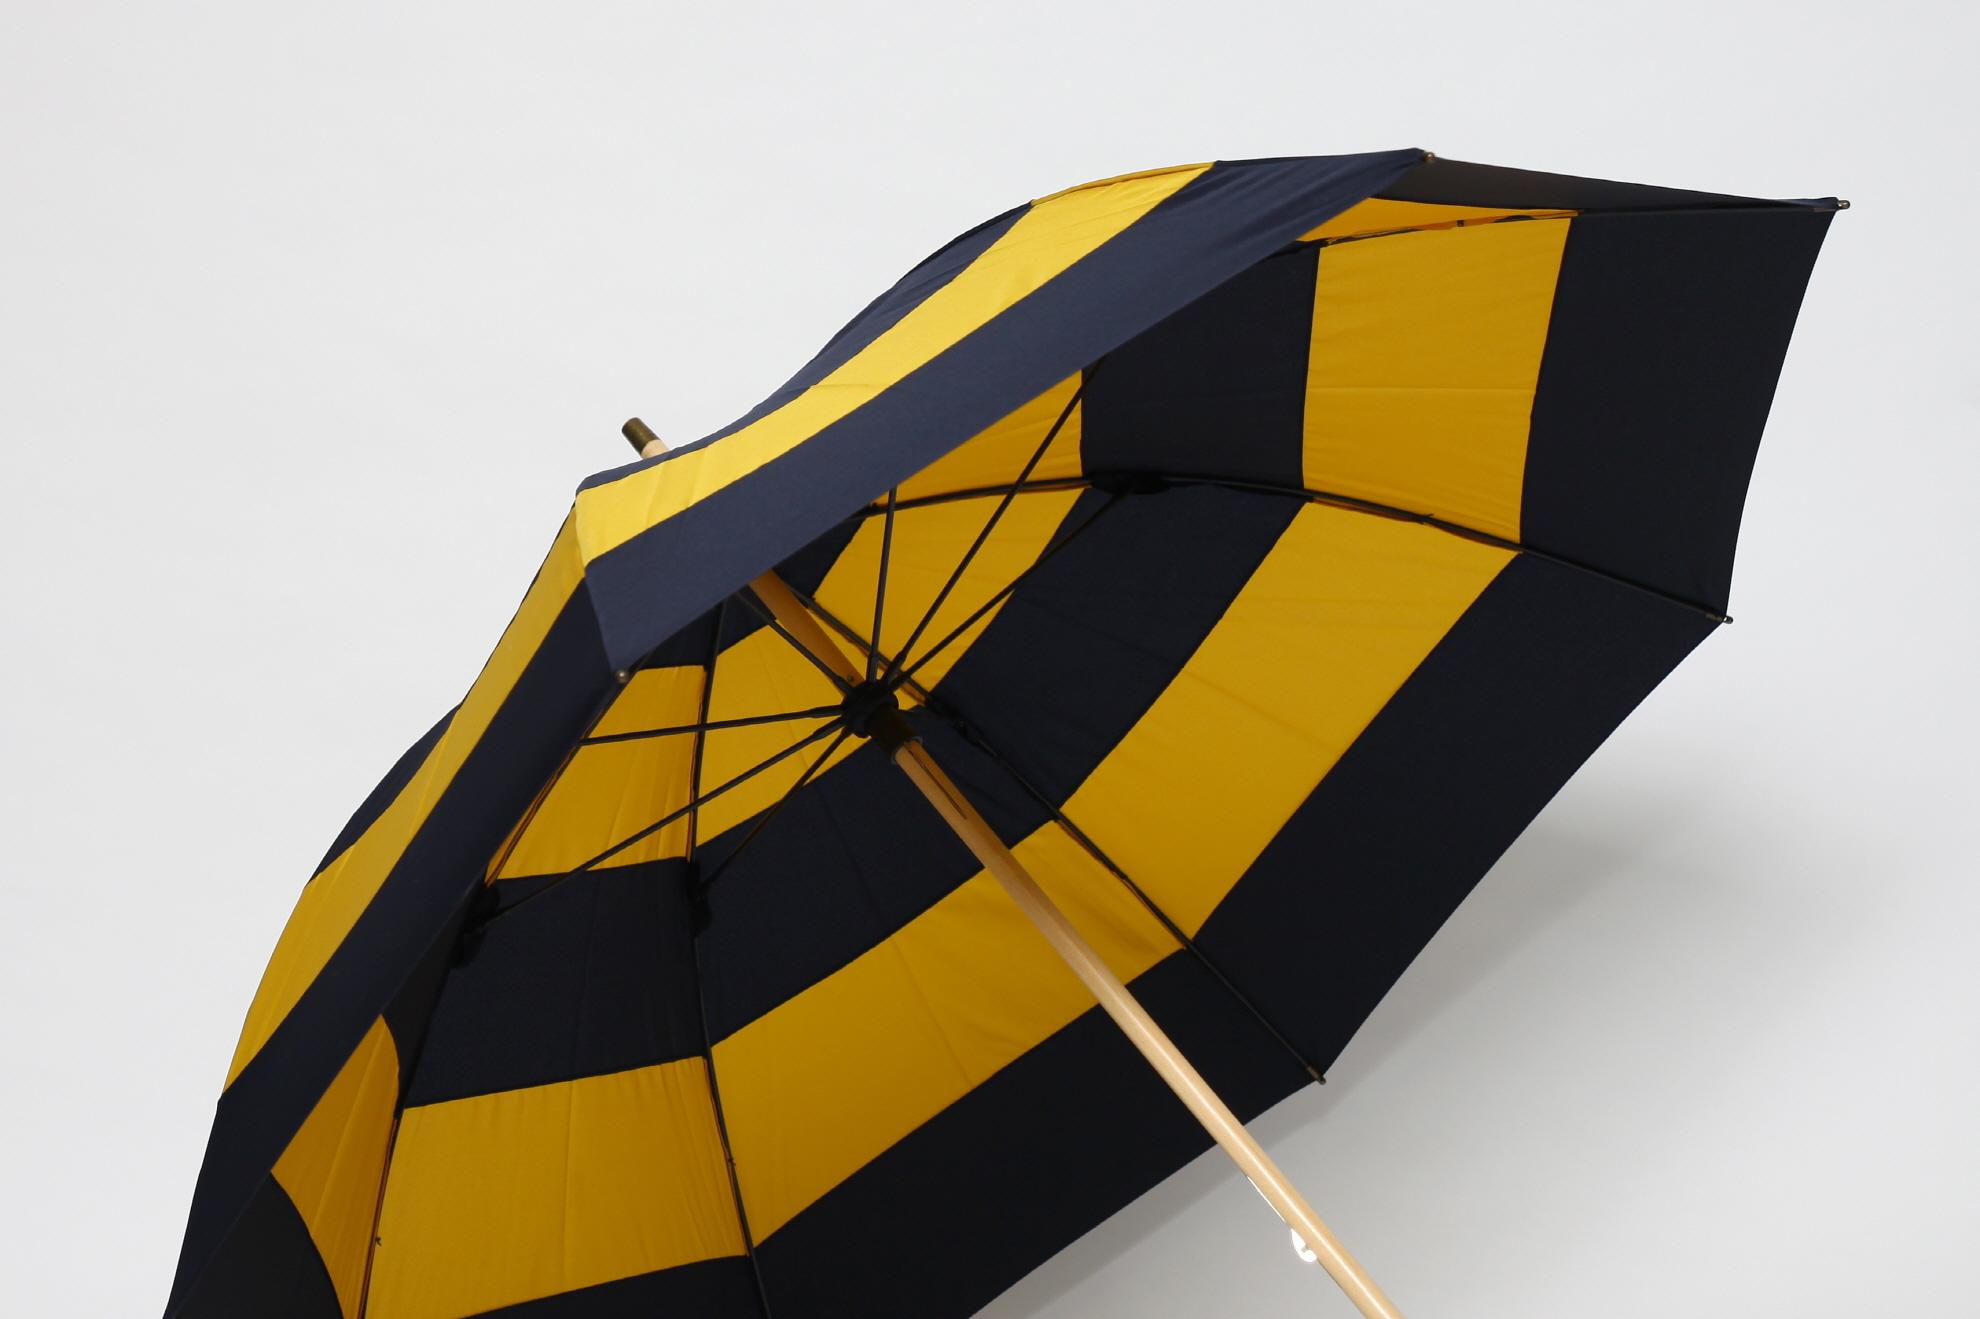 파라체이스(PARACHASE) 7162 프리미엄 수제 우드 그립 허니비 장우산